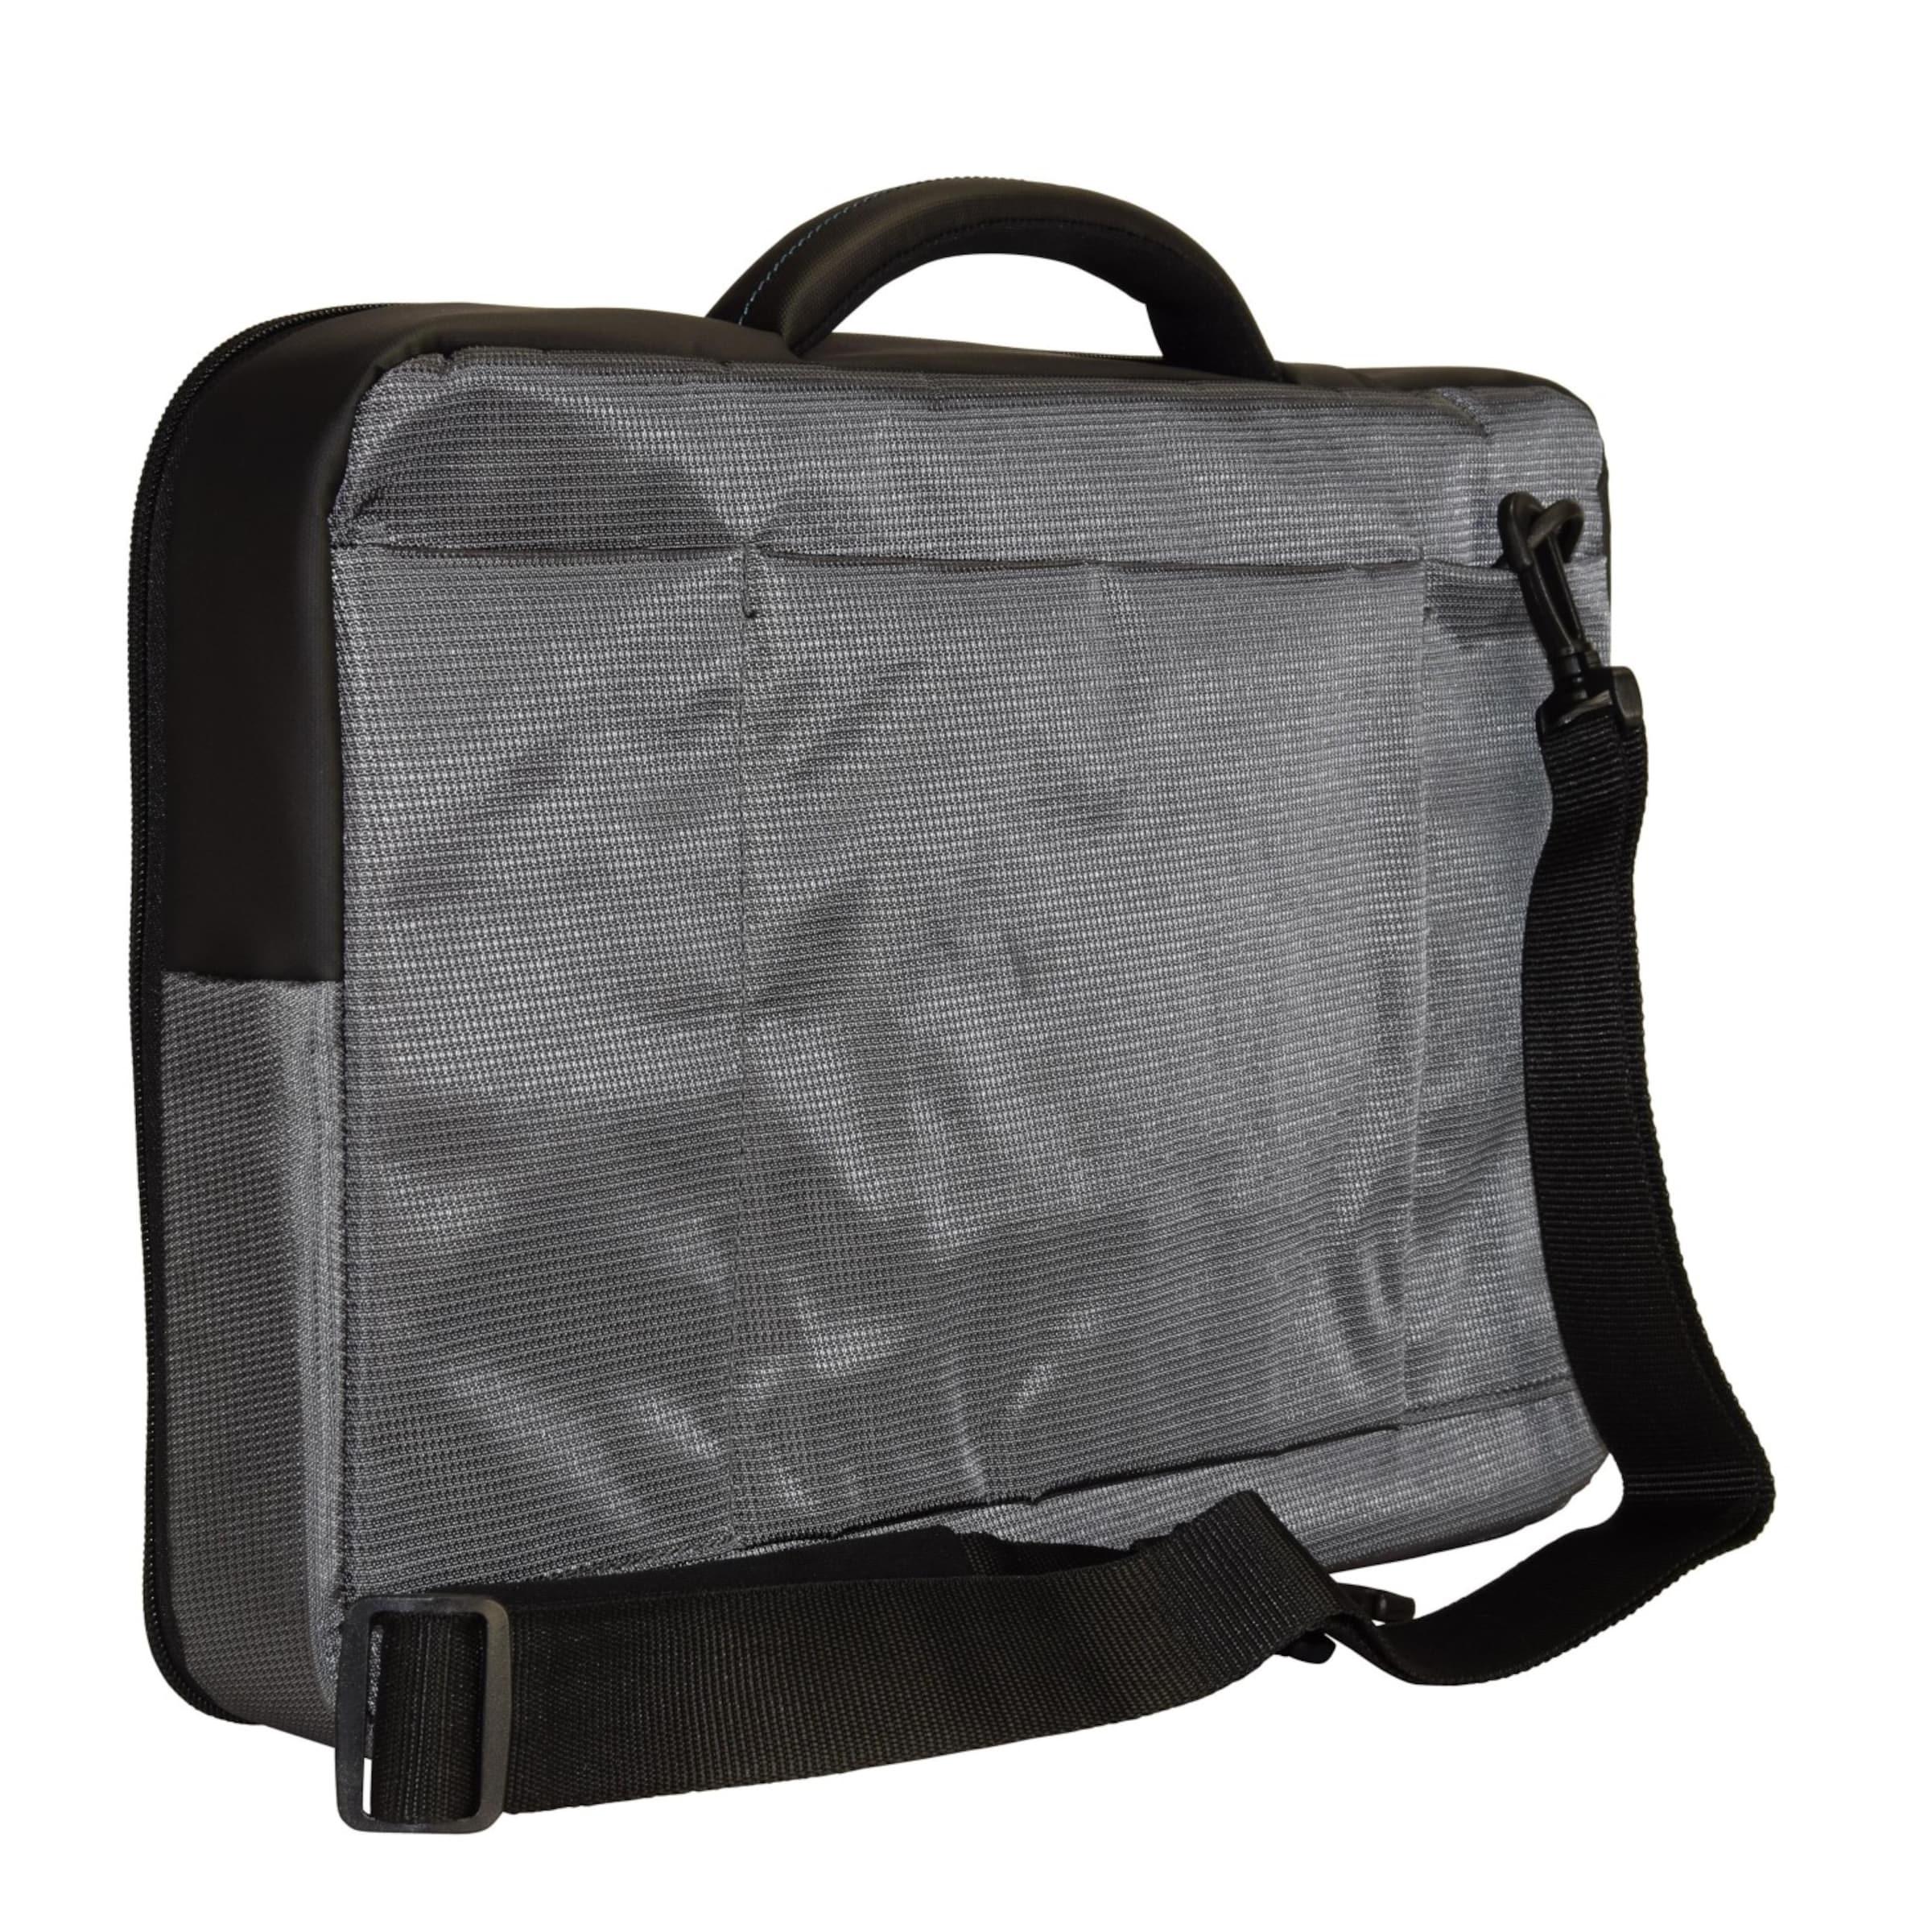 44 Samsonite Cm Qibyte AnthrazitSchwarz Laptopfach In Businesstasche nk8P0wO